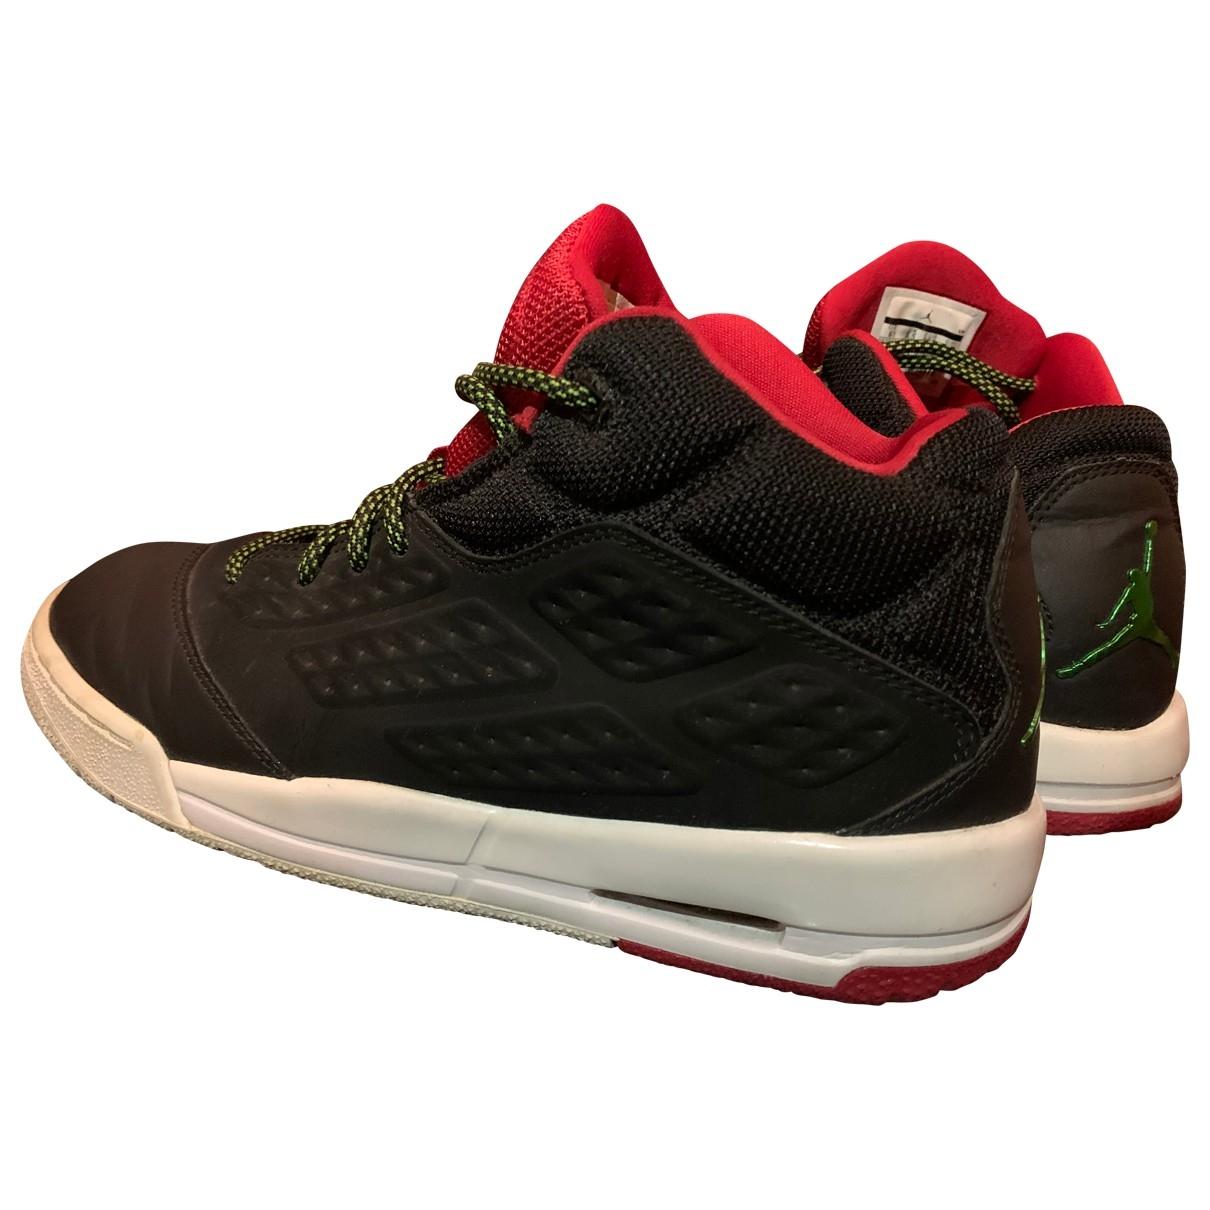 Jordan - Baskets   pour femme - noir